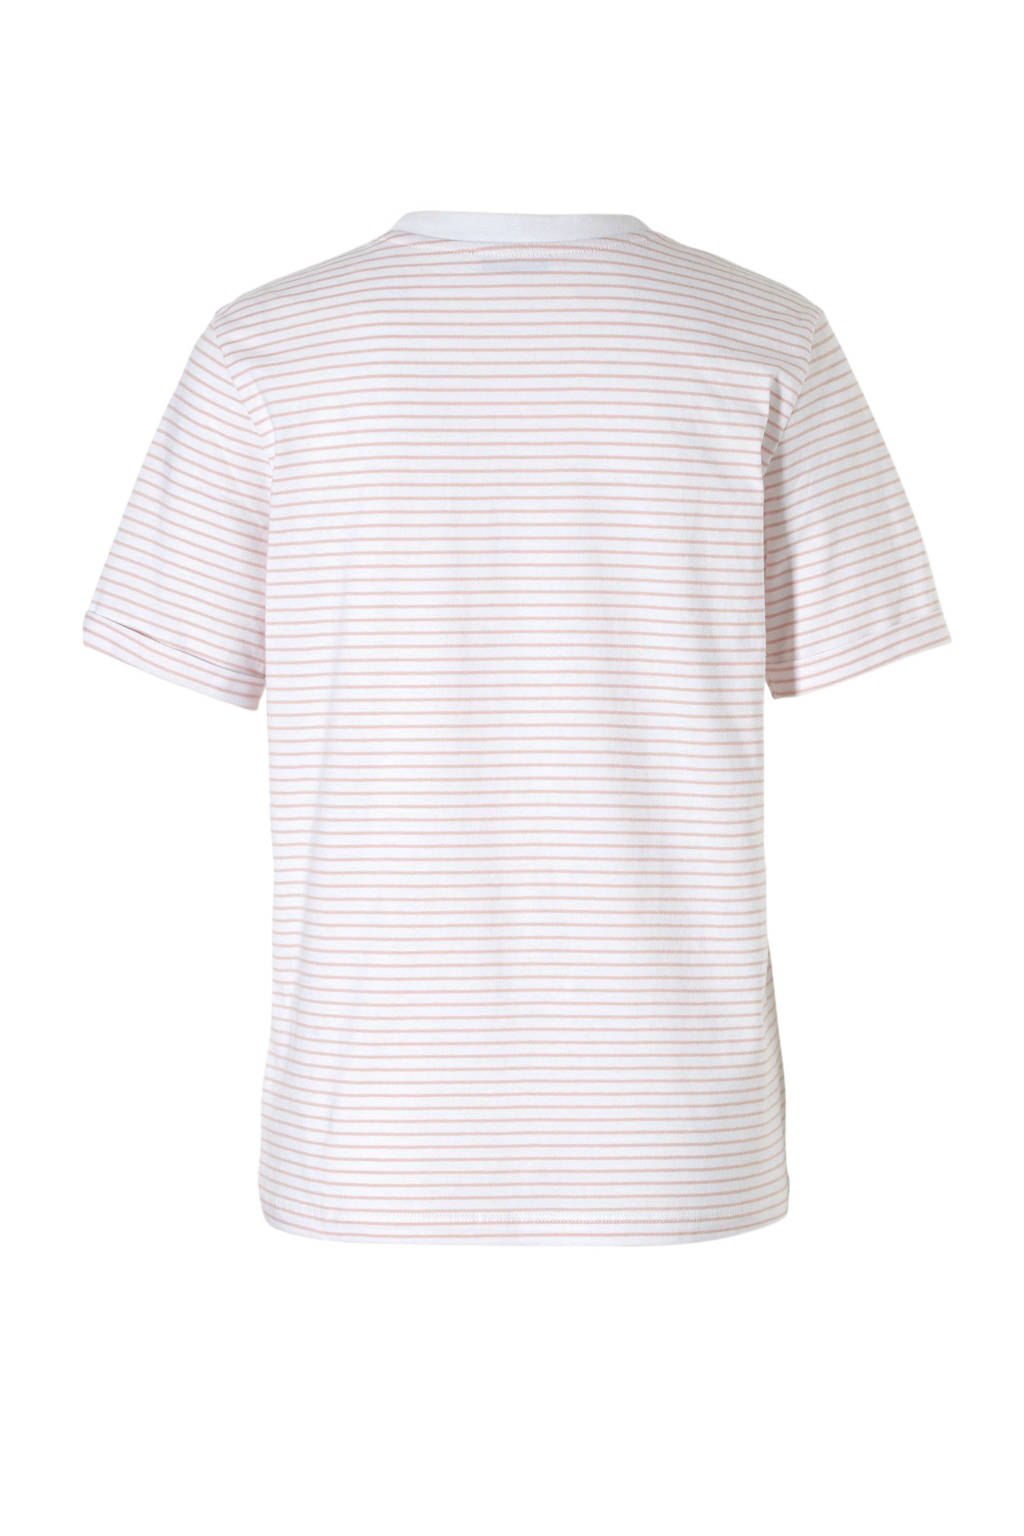 T Piecesgestreept T shirt Piecesgestreept Piecesgestreept T shirt shirt Piecesgestreept Piecesgestreept shirt T xf0Xq